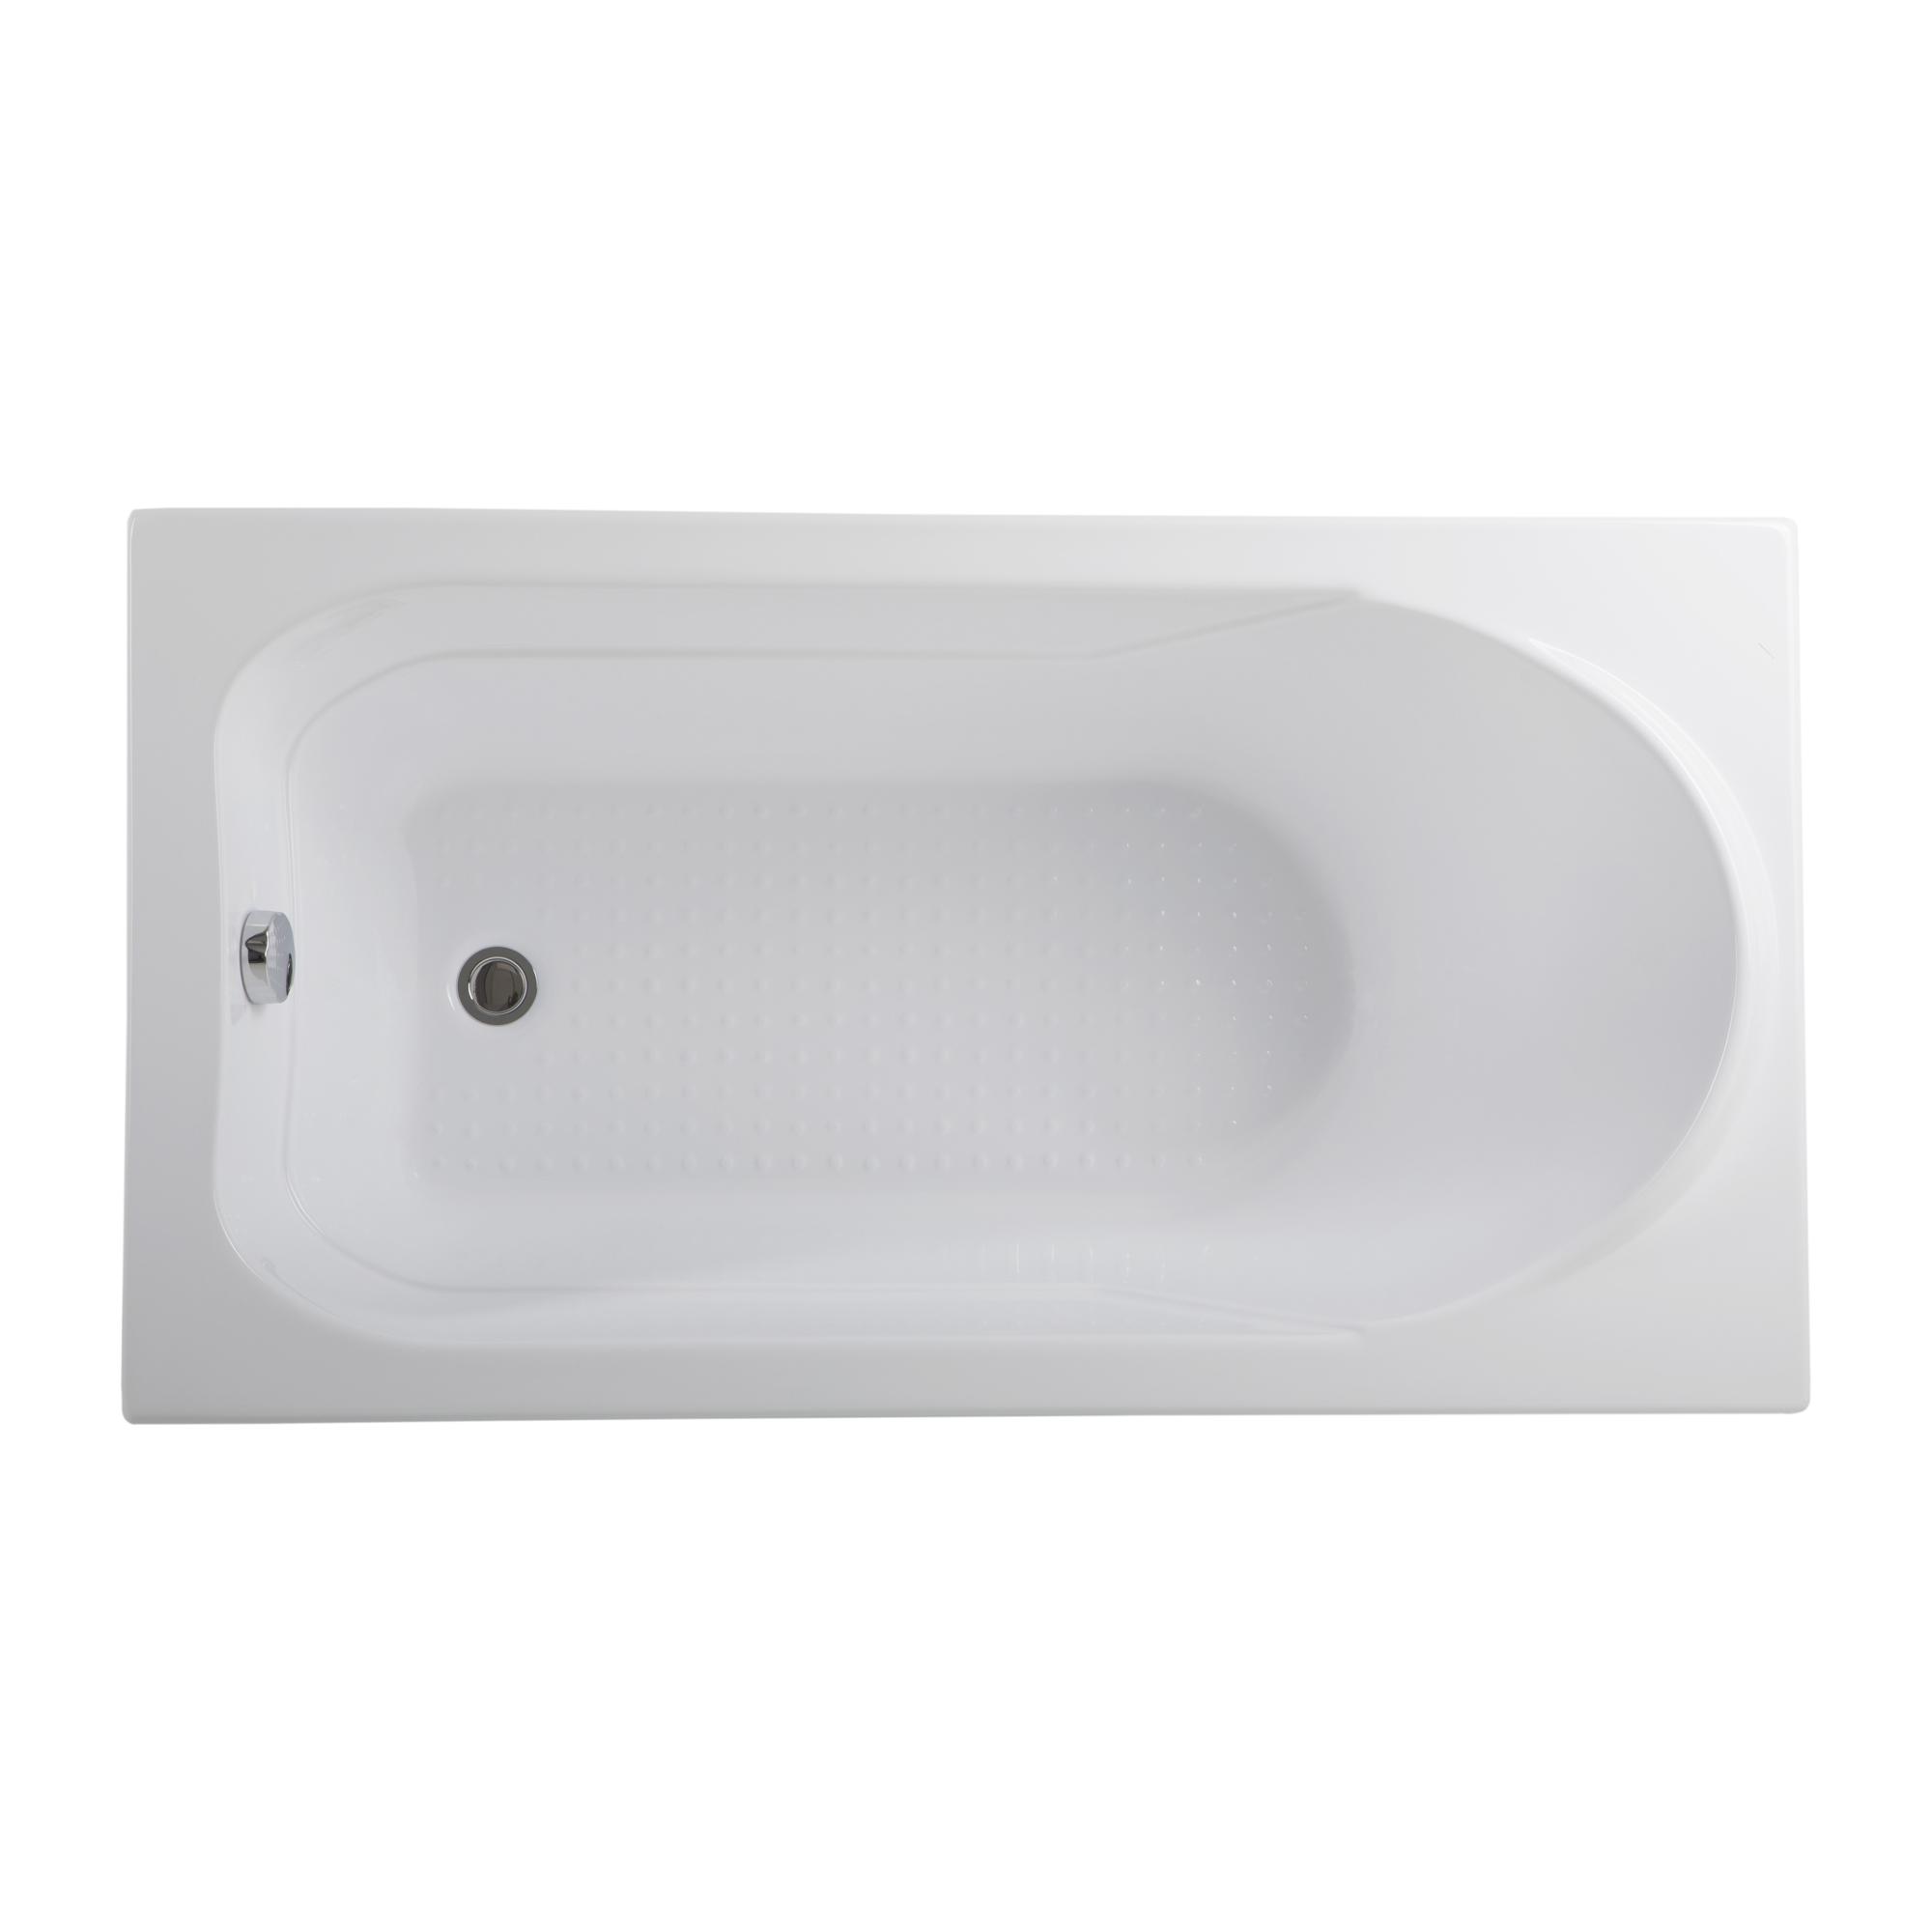 Акриловая ванна Aquanet West 130х70 слив перелив alcaplast для ванны под бронзу a55 antic